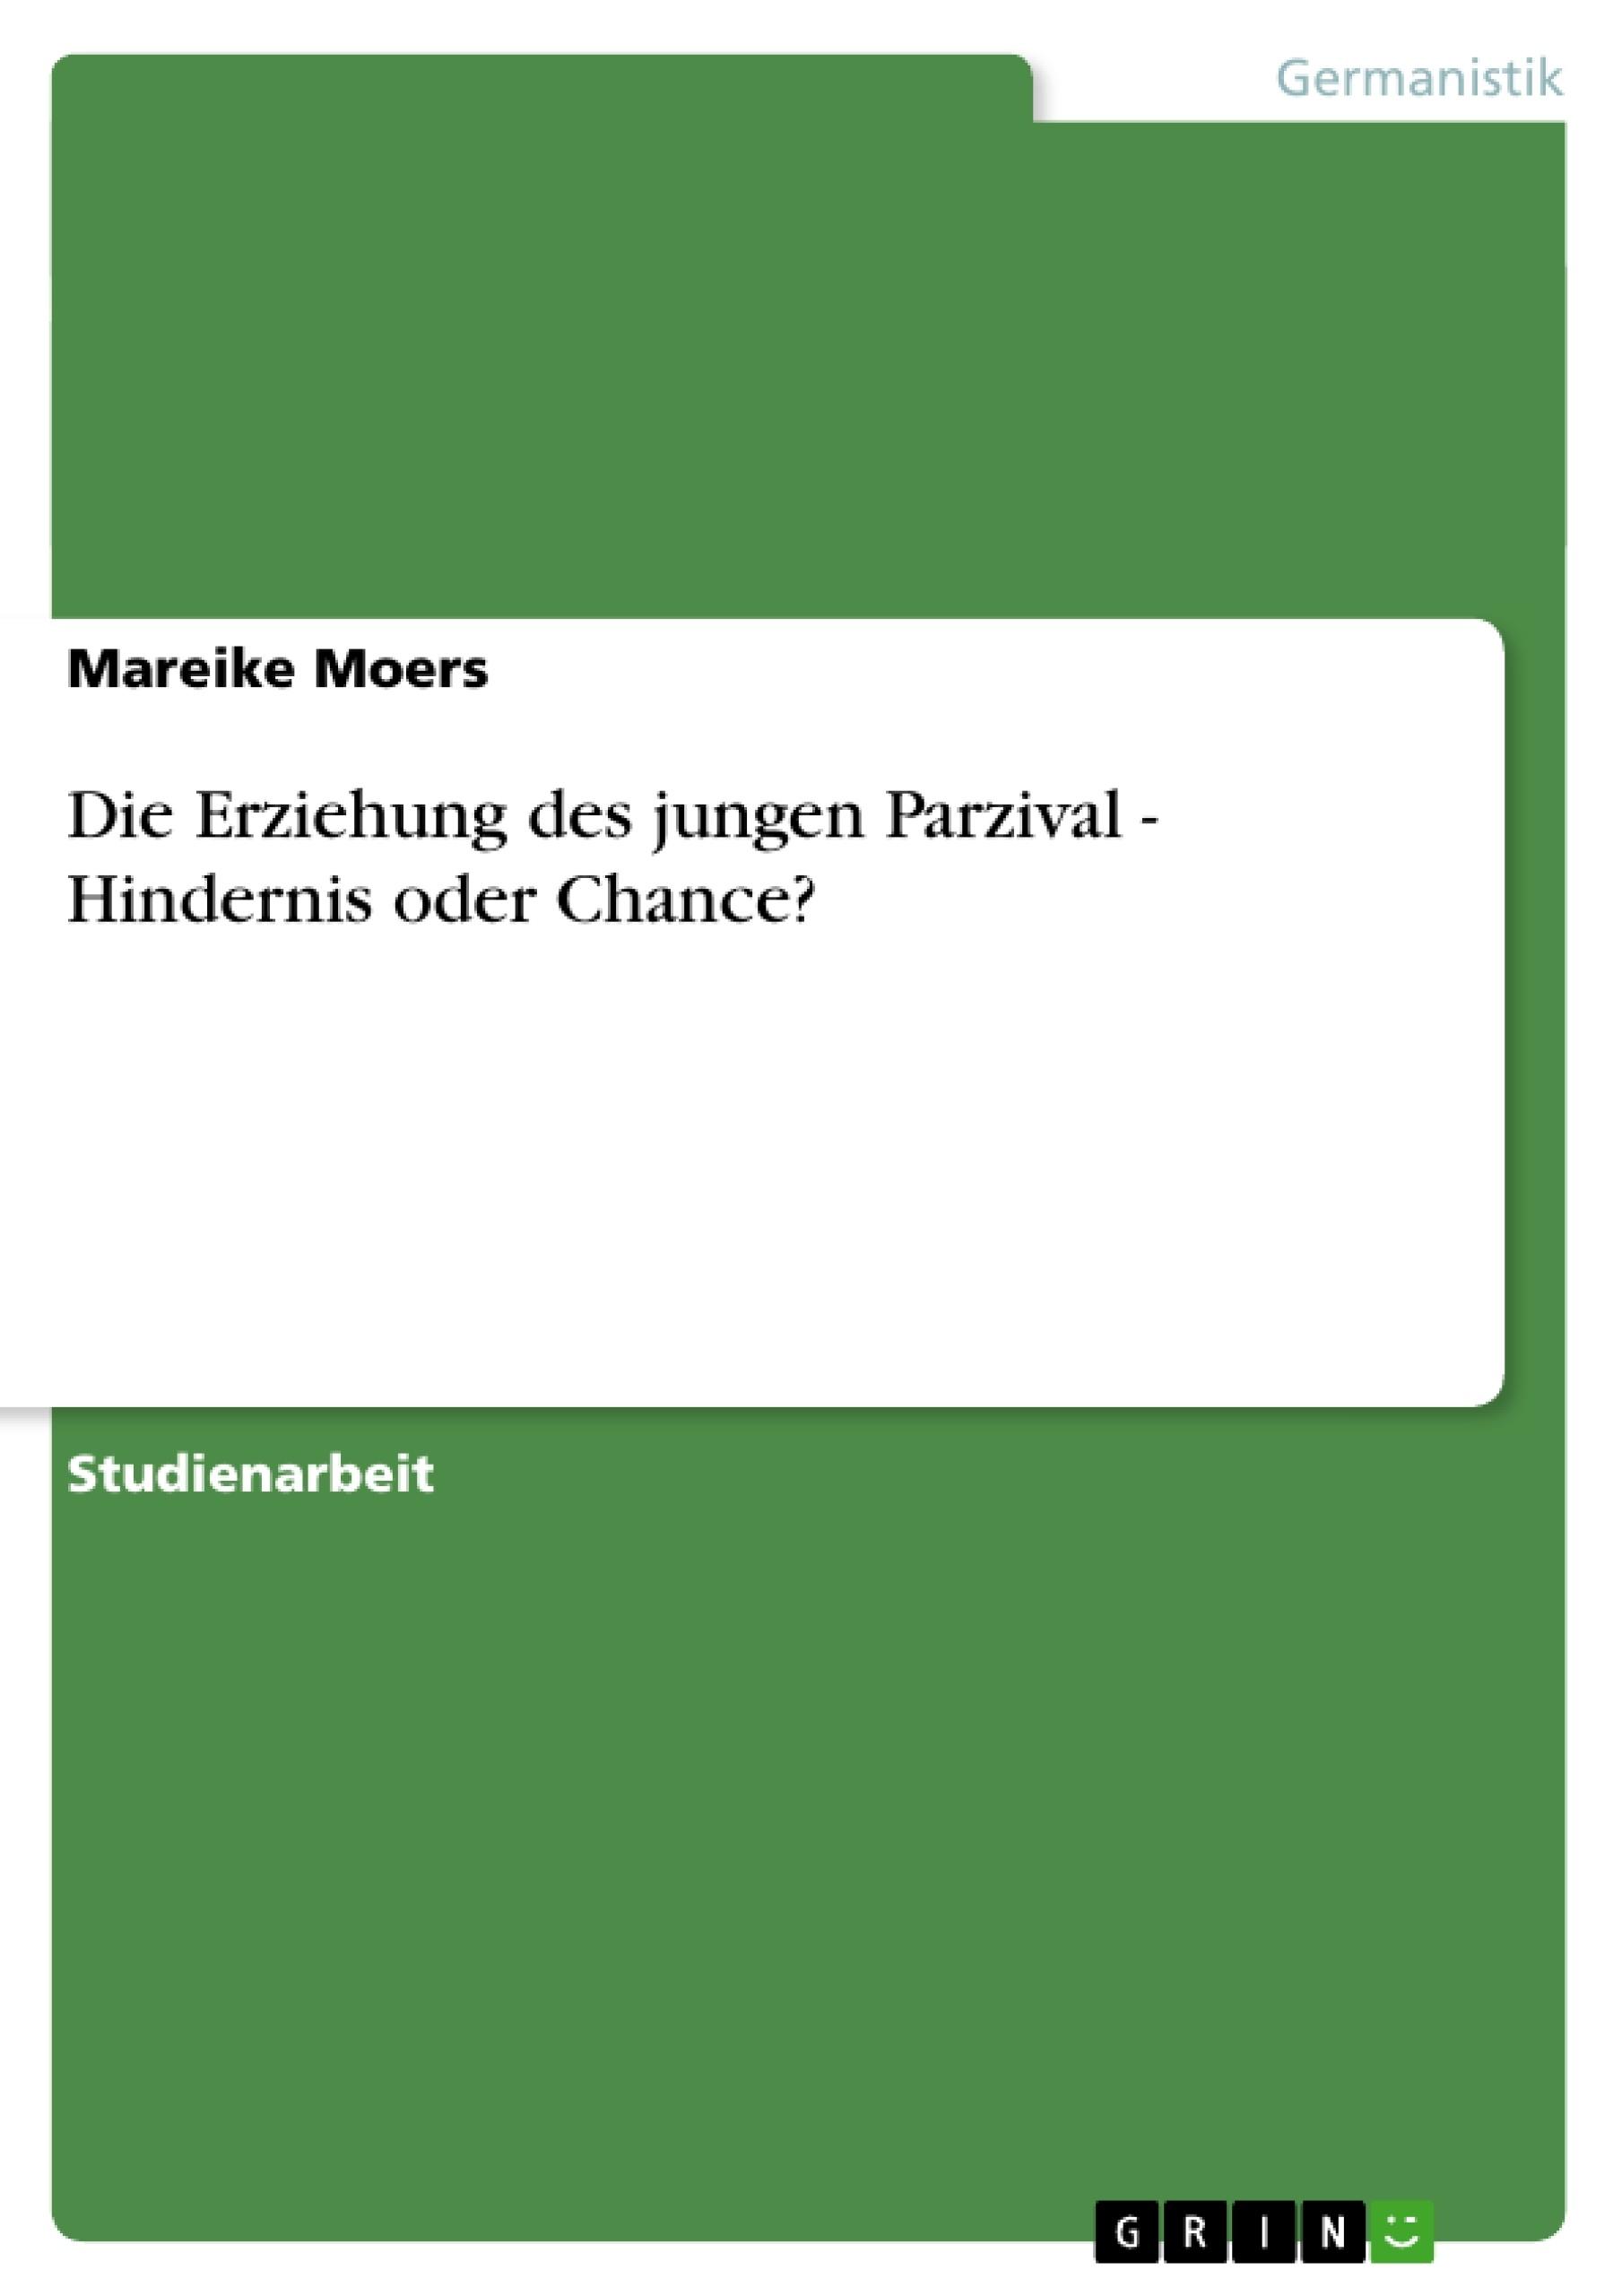 Titel: Die Erziehung des jungen Parzival - Hindernis oder Chance?